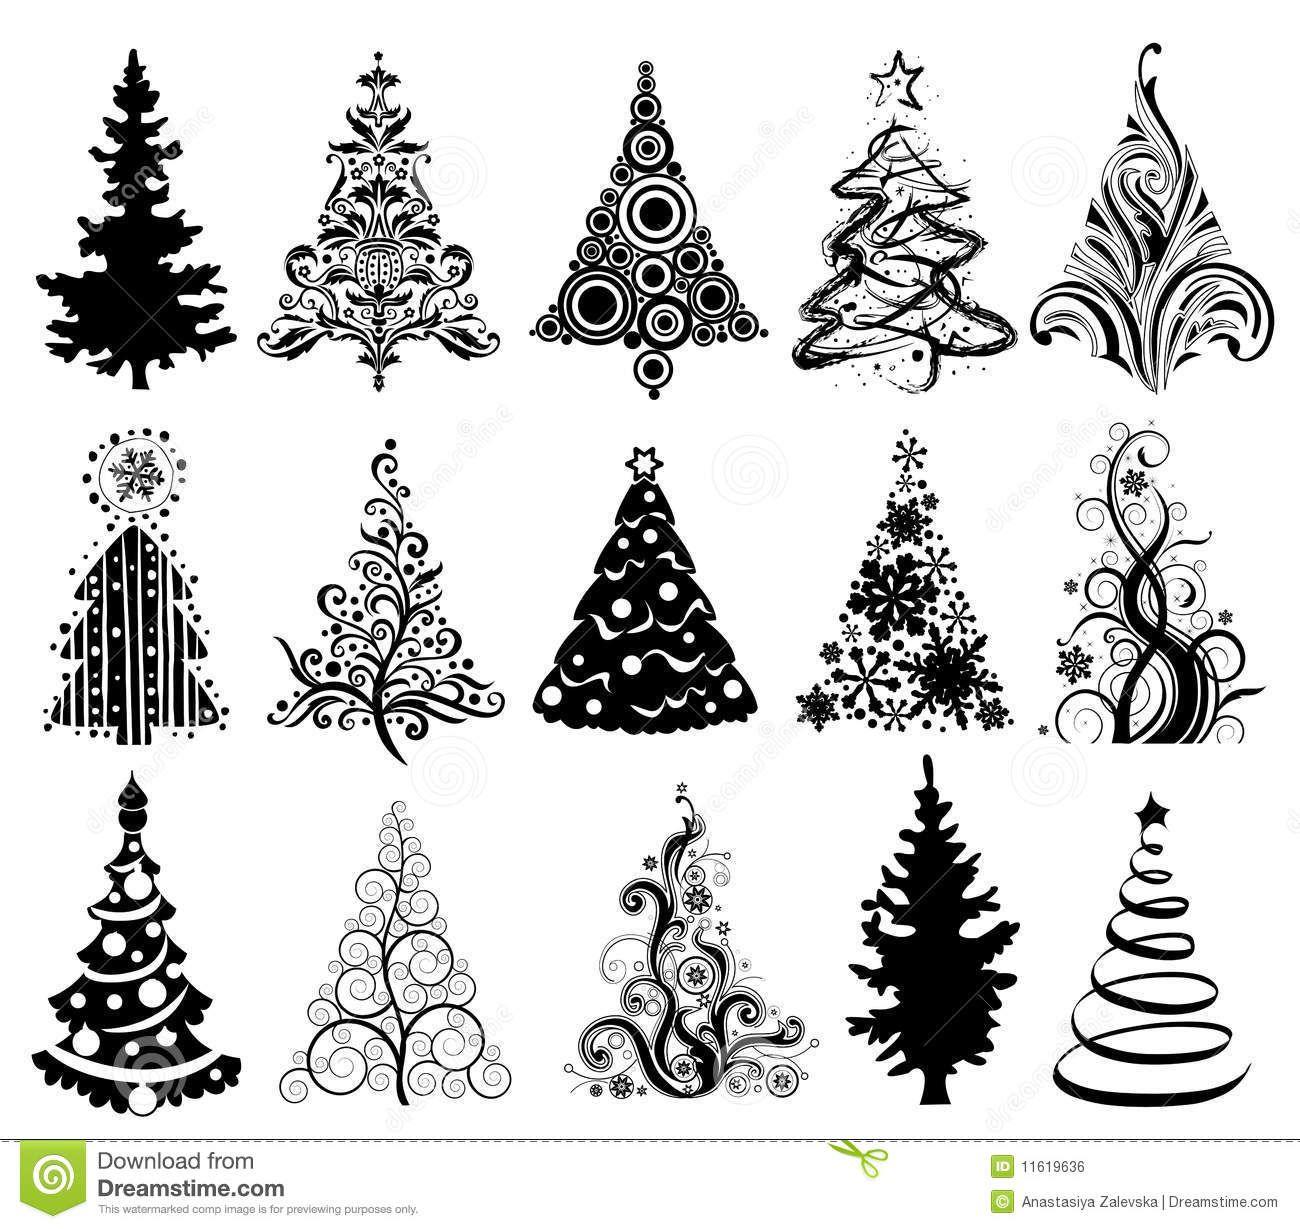 Immagini Natalizie Vettoriali.Alberi Di Natale Illustrazione Vettoriale Immagine Di Elementi